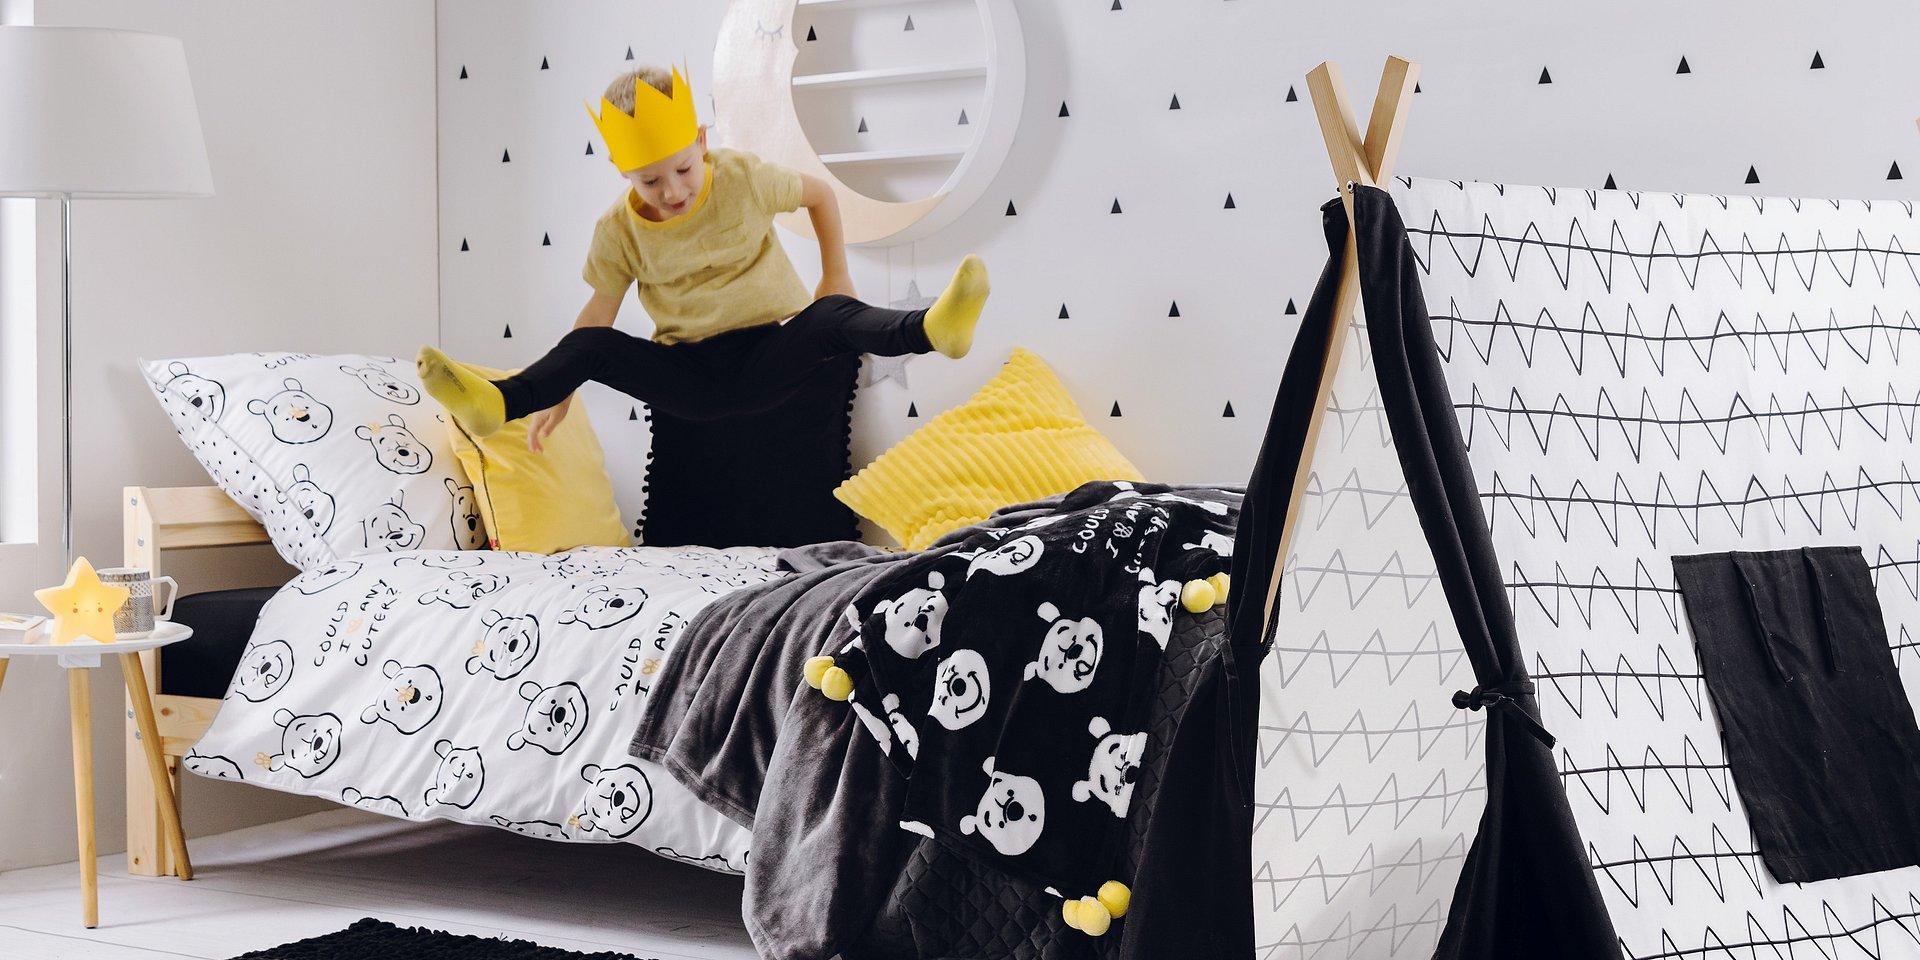 Dorosłym wstęp wzbroniony, czyli... wymarzony pokój dziecka